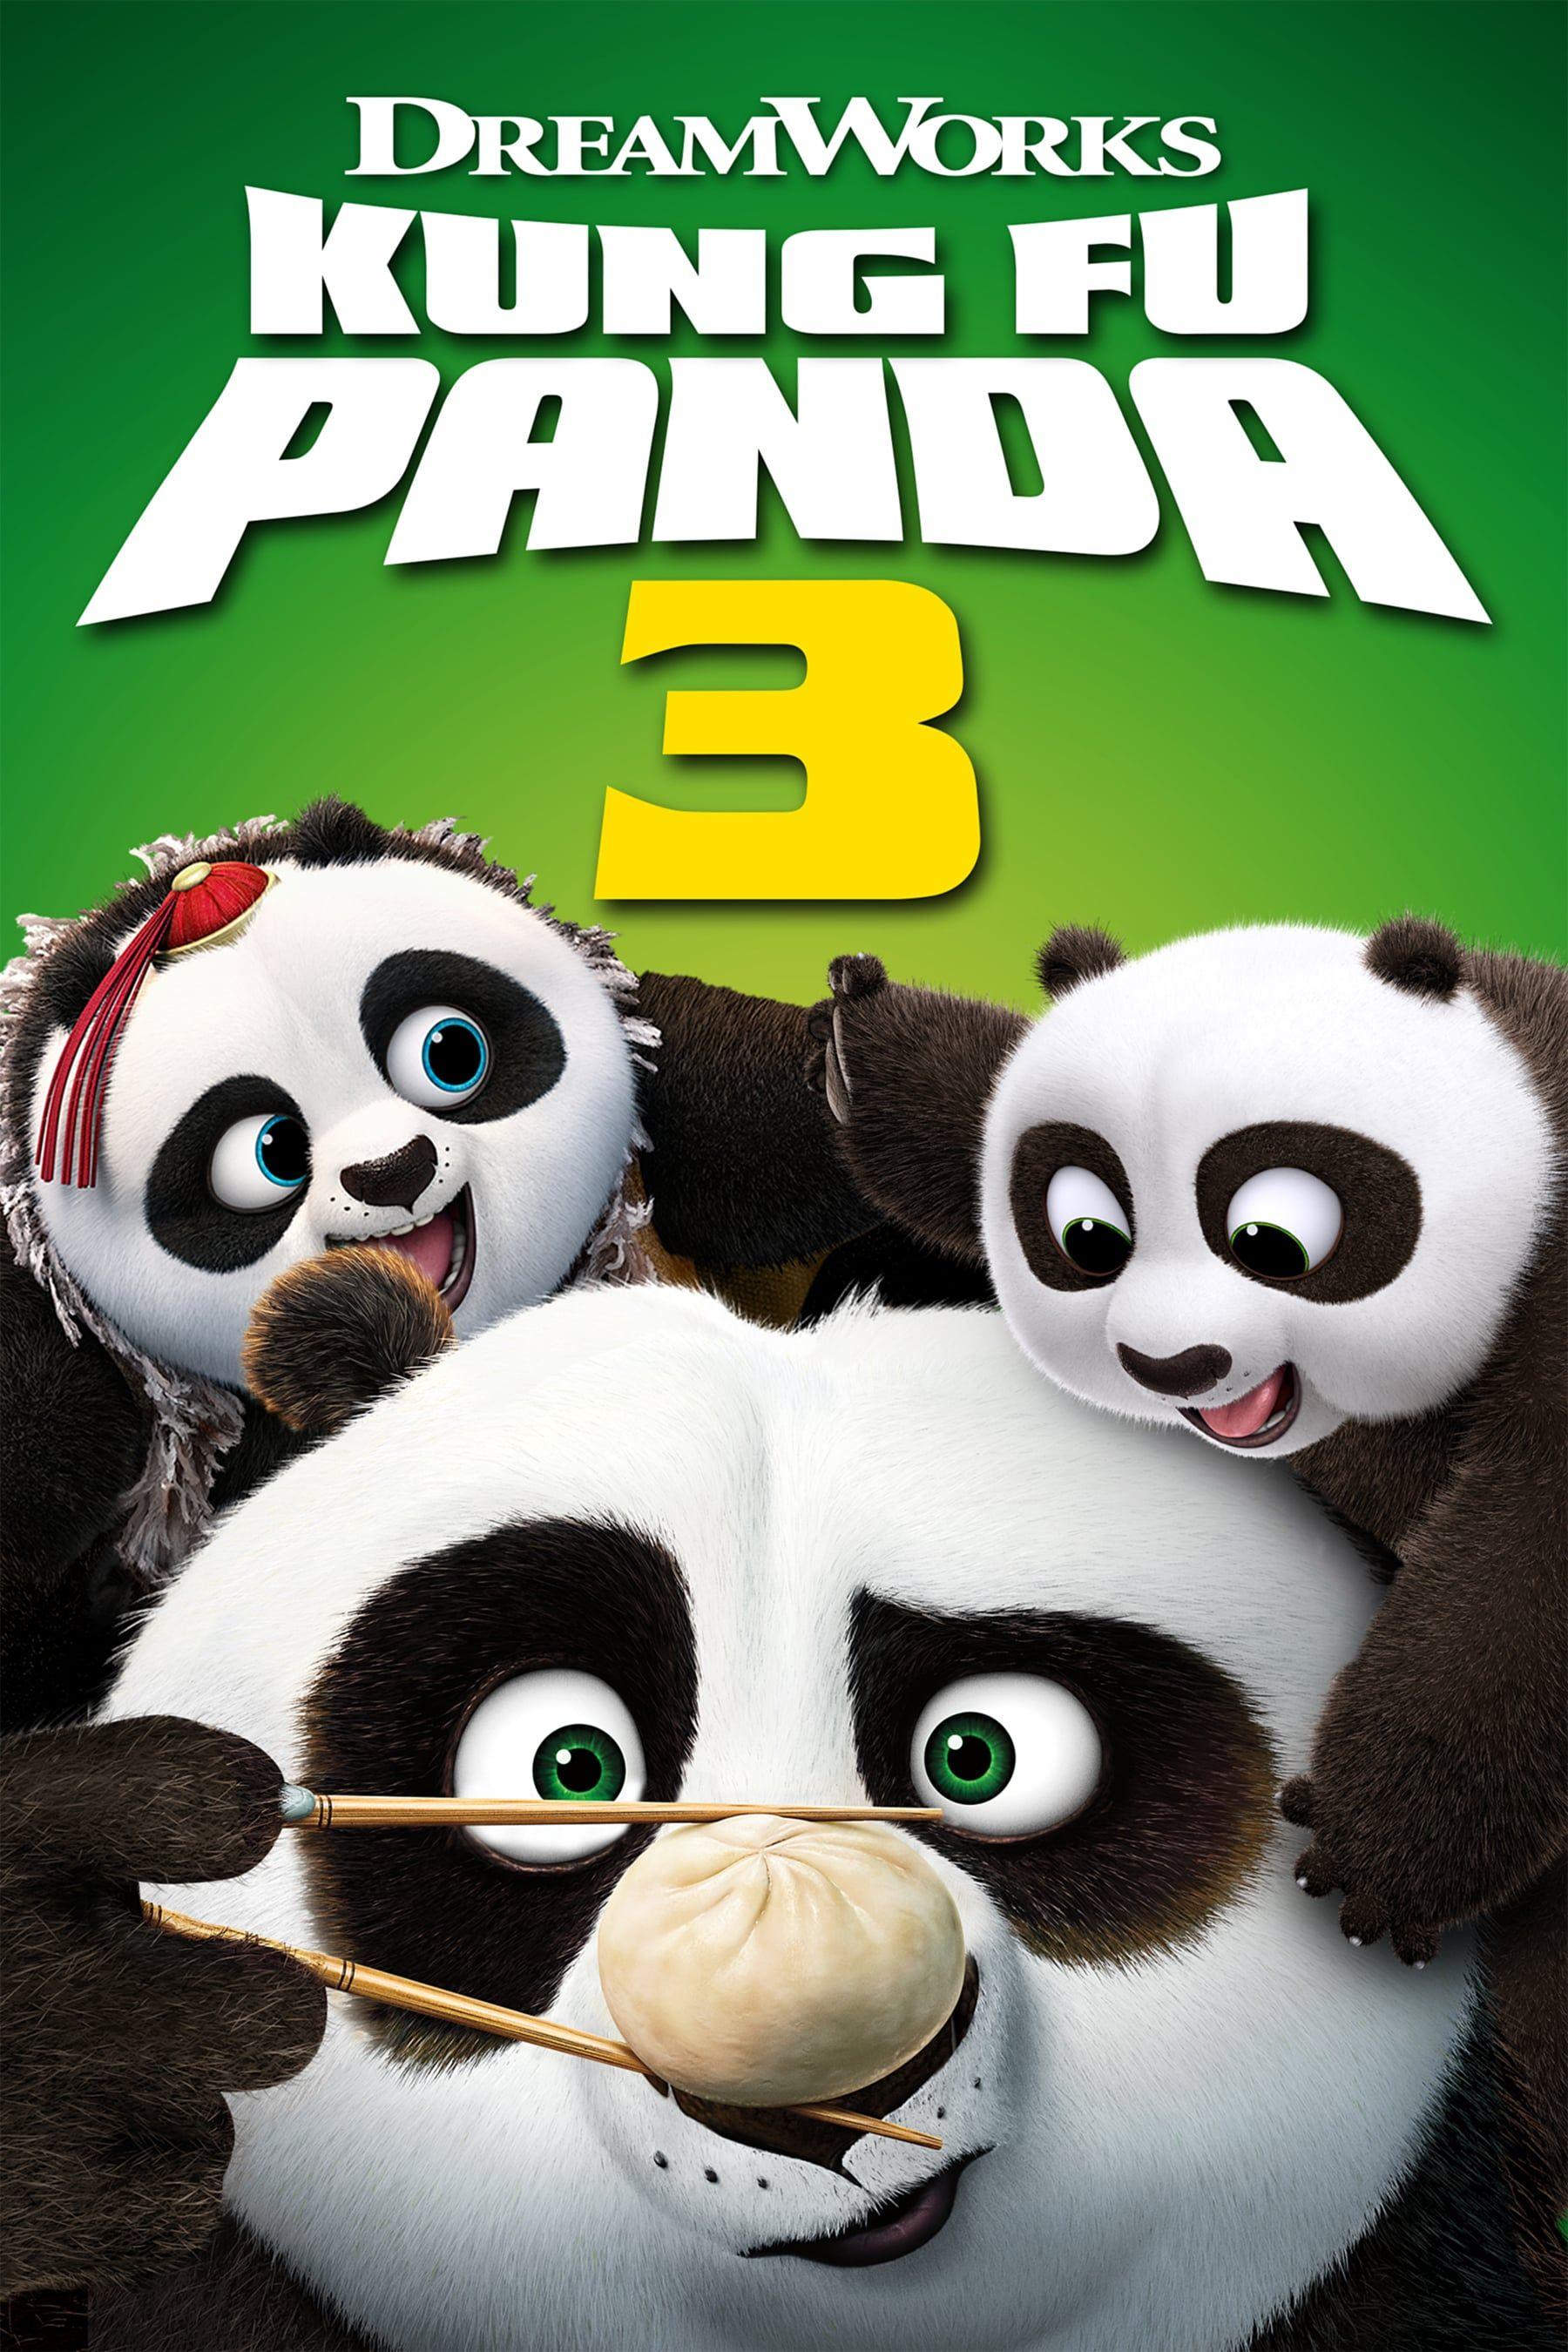 Kung Fu Panda 3 2016 Kung Fu Panda 3 Film Kijken Volle Kung Fu Panda 3 Film Kijken Kung Fu Panda 3 Kung Fu Panda Kung Fu